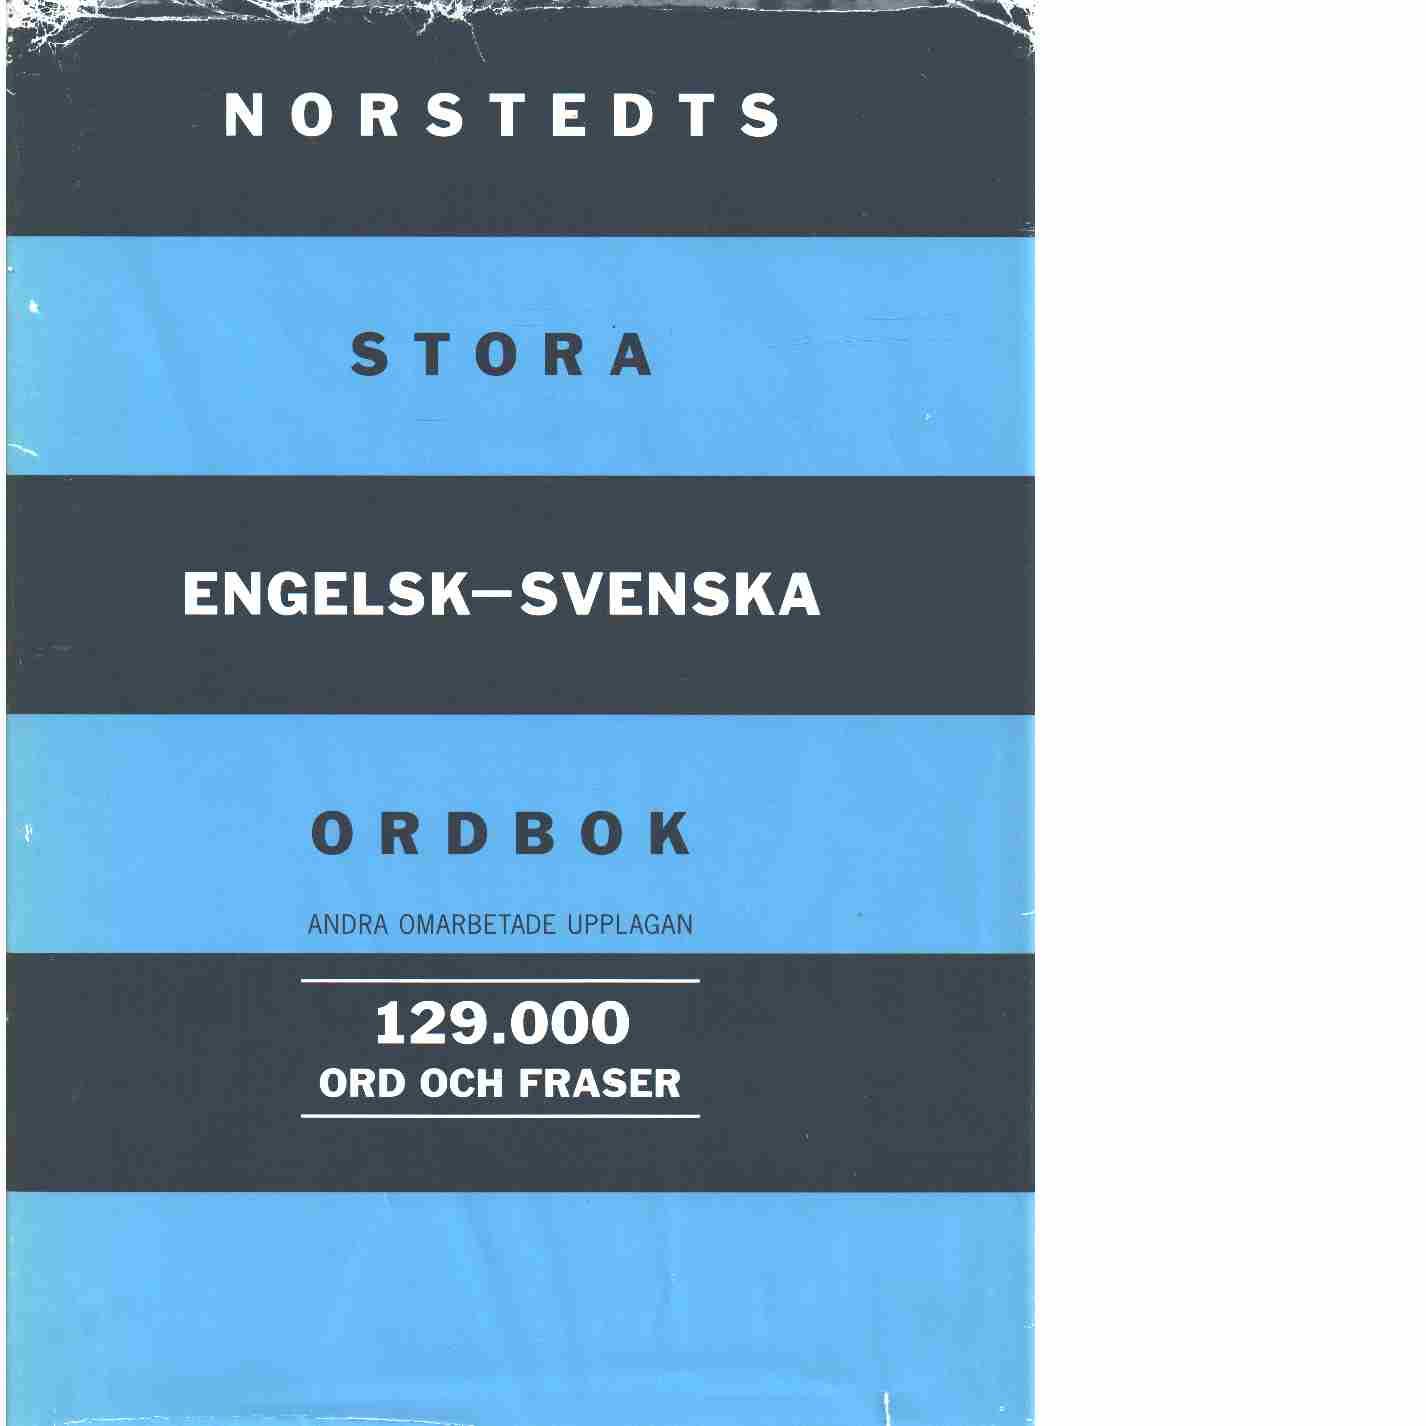 Norstedts stora engelsk-svenska ordbok - Red. Petti, Vincent